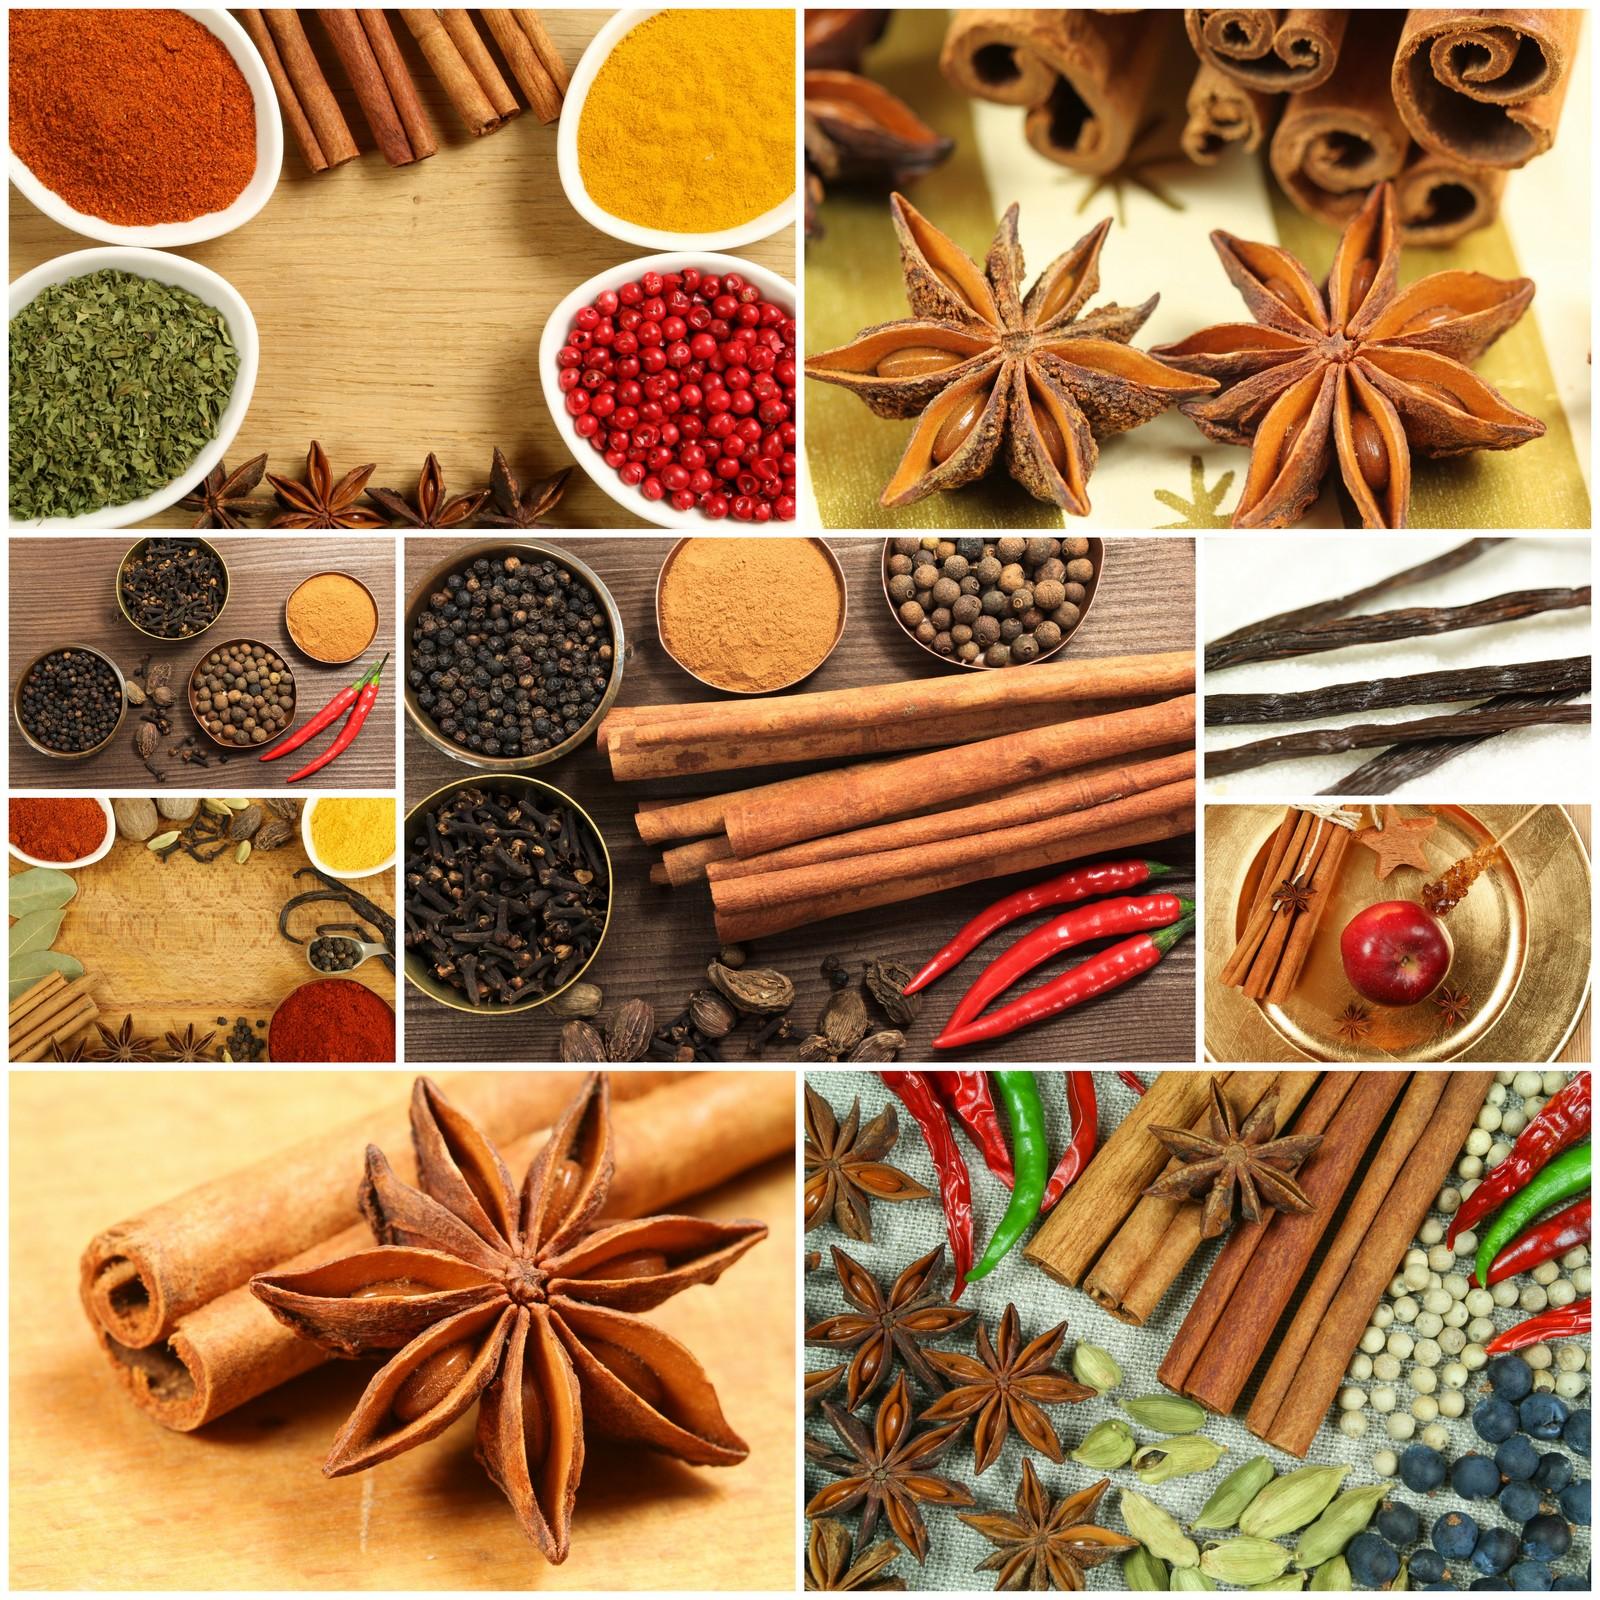 Tableau deco cuisine epices id e inspirante for Epices de cuisine